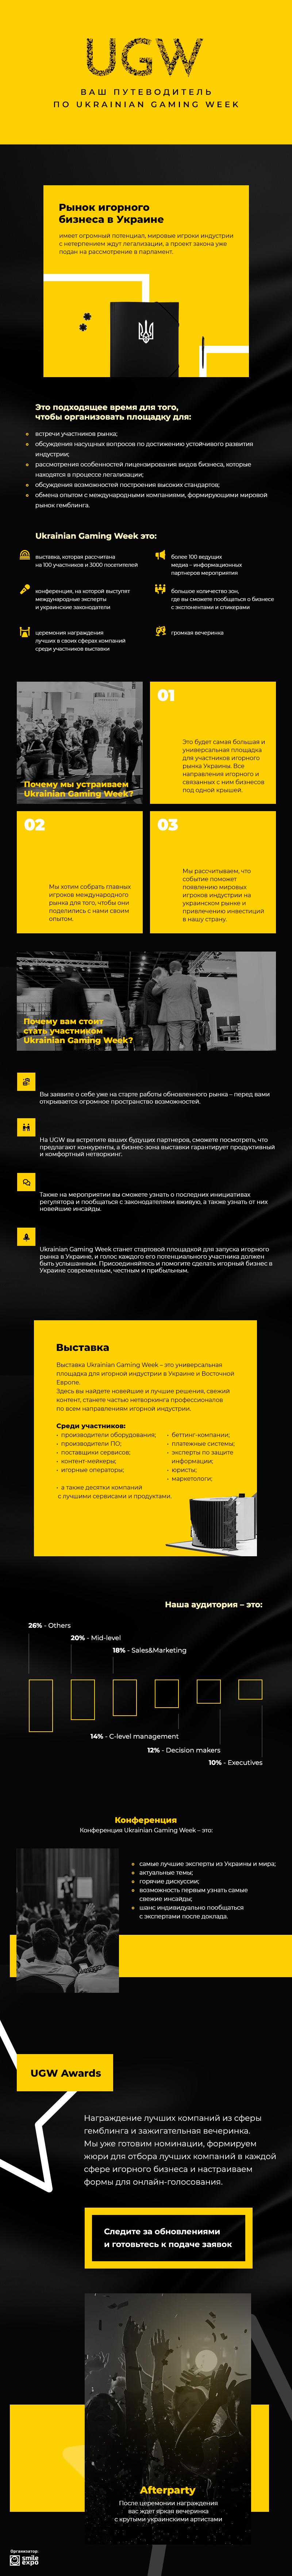 UGW: Putevoditel po Ukrainian Gaming Week 2020: pochemu stoit posetit ivent? (Infografika) 1